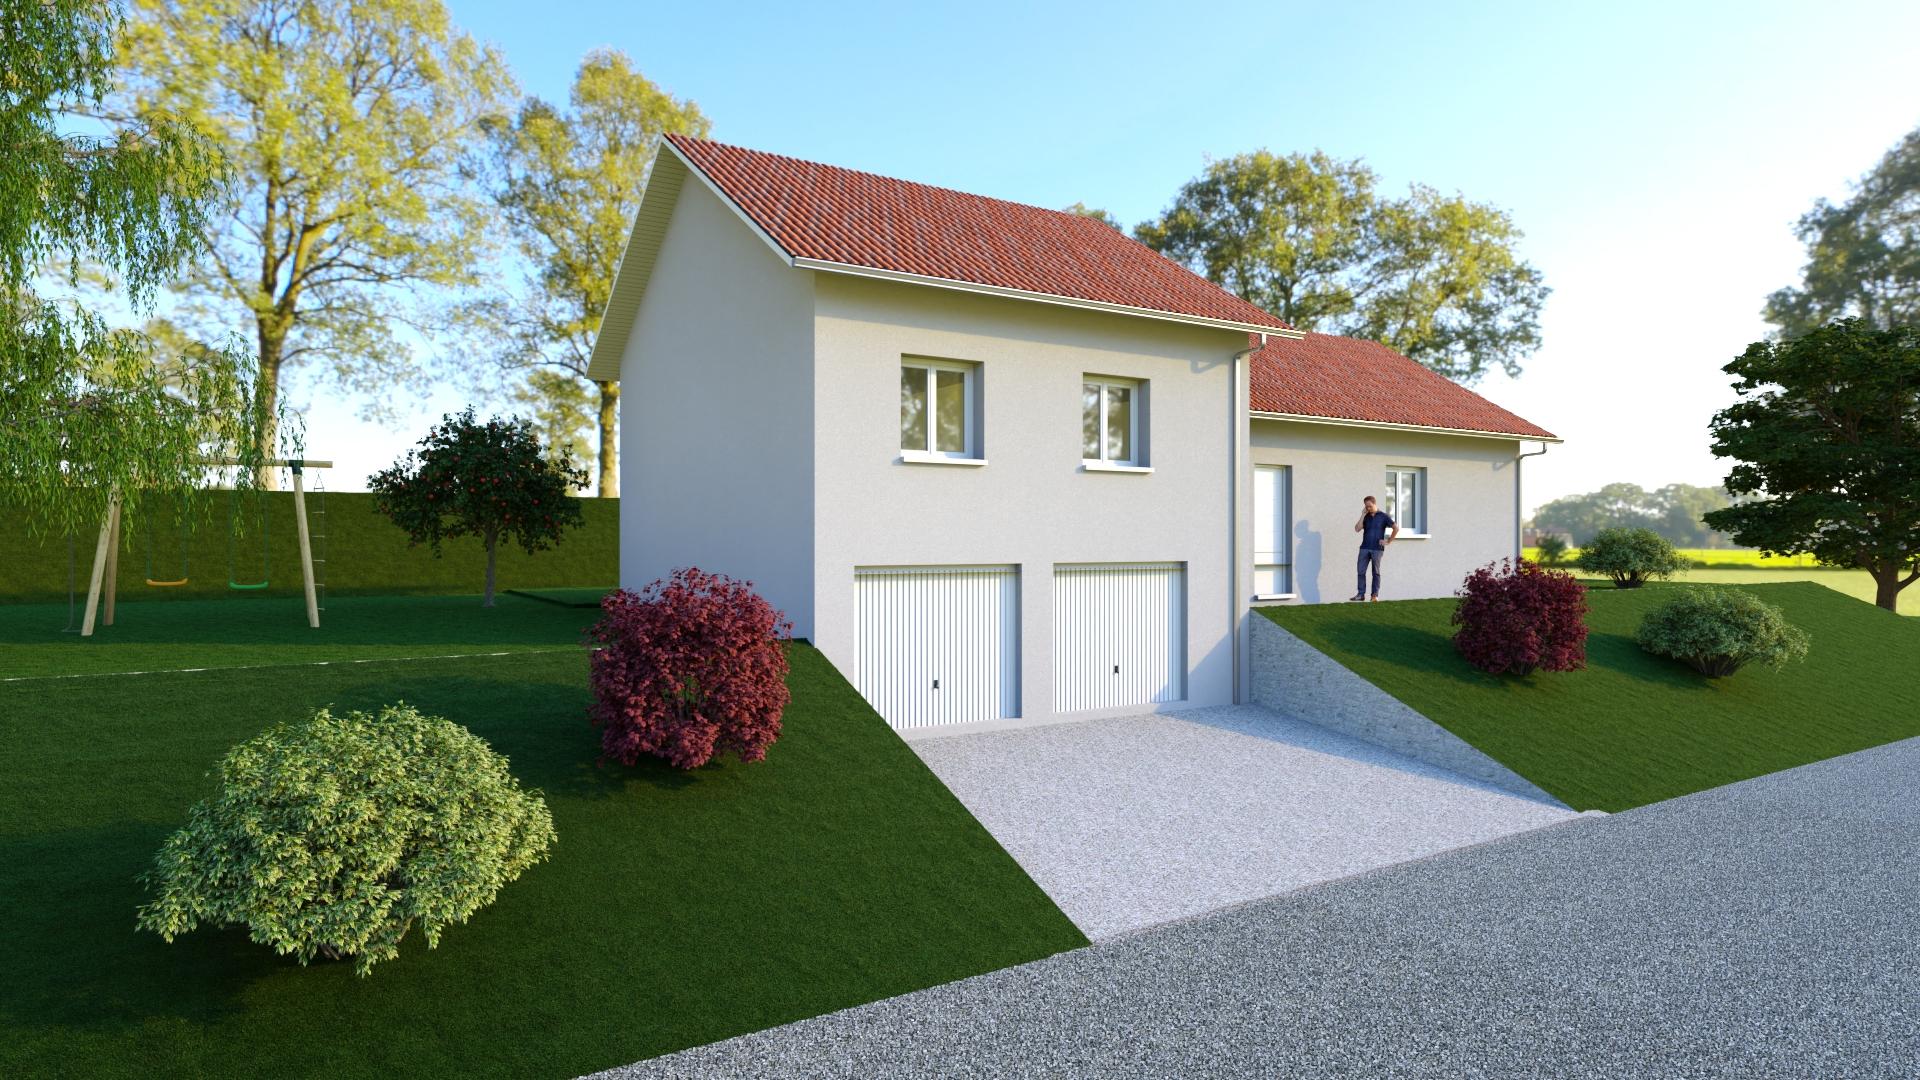 Maisons du constructeur MODULHABITAT - ANNECY • 105 m² • VALLIERES